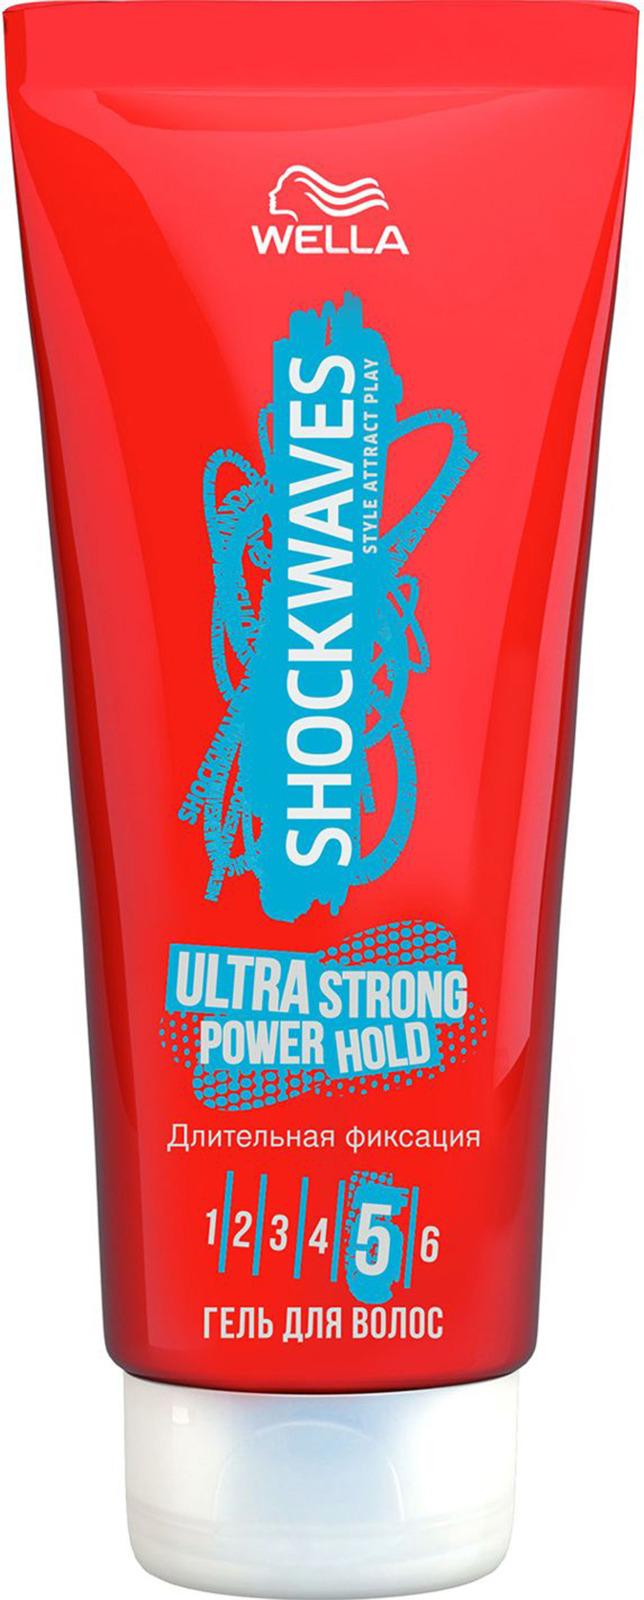 Гель для волос Wella Shockwaves Ultra Strong Power Hold, 200 мл wella sp men everyday hold гель для укладки нормальной фиксации 100 мл